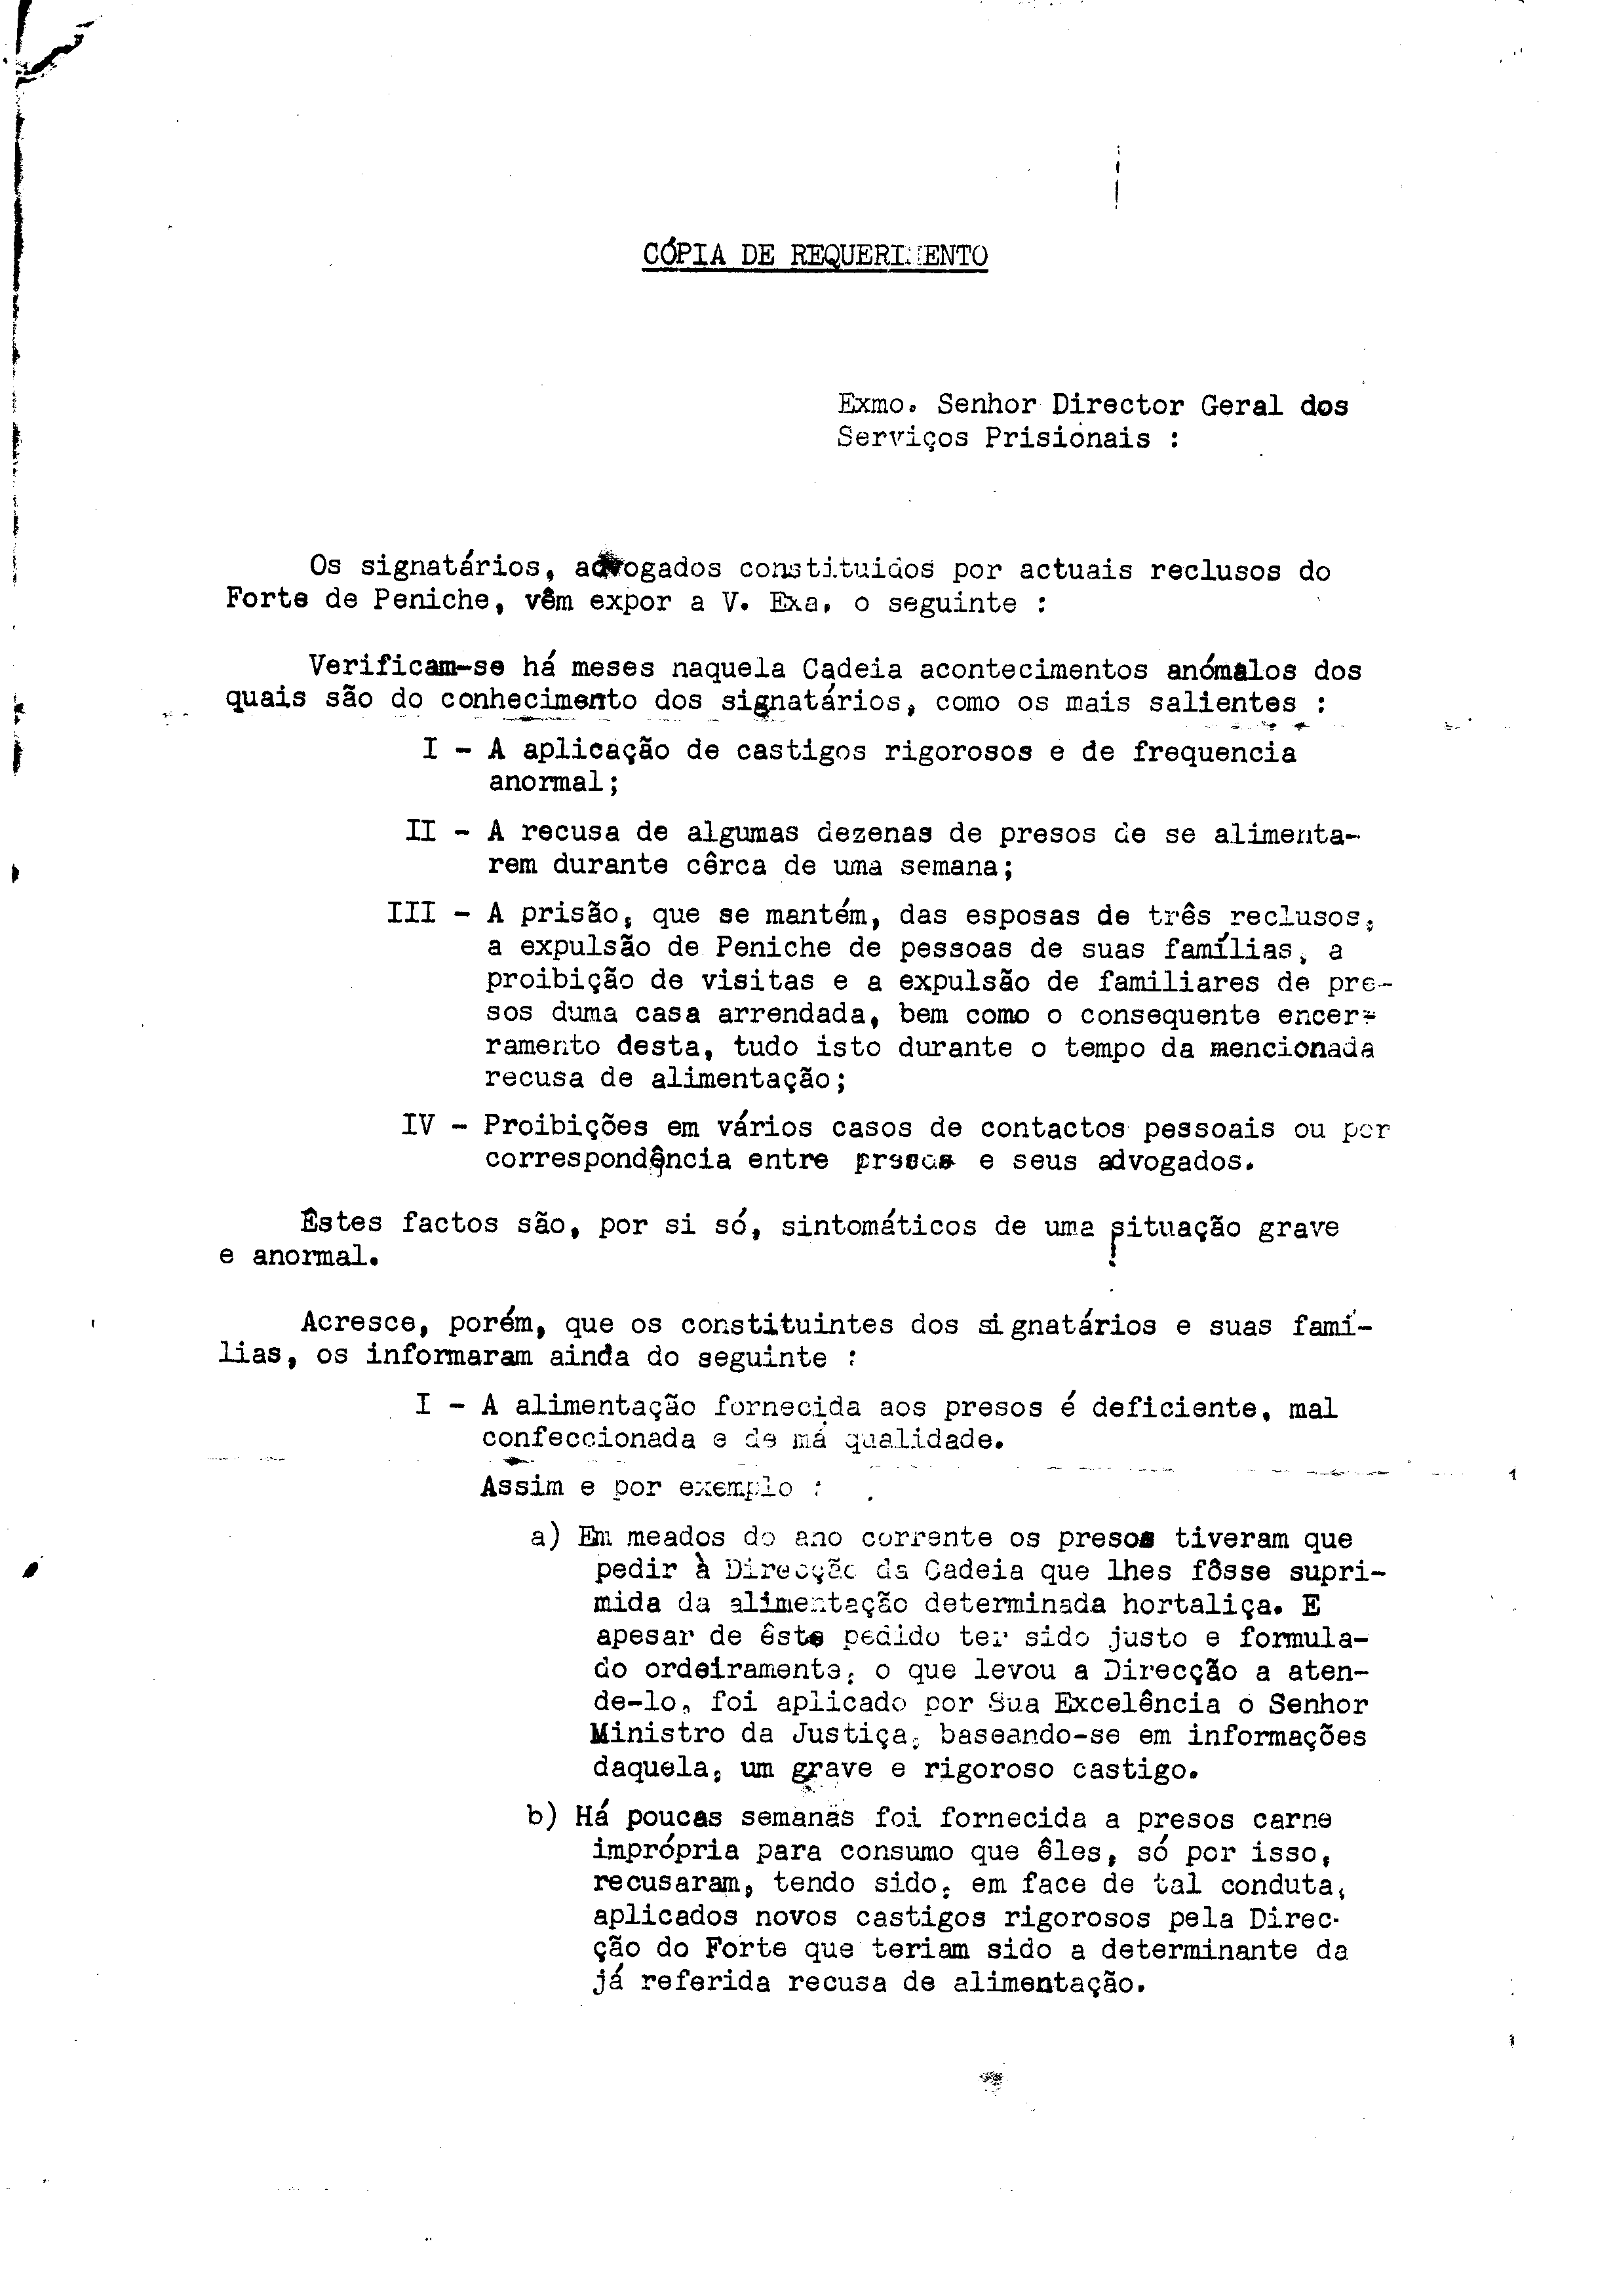 02595.032- pag.1